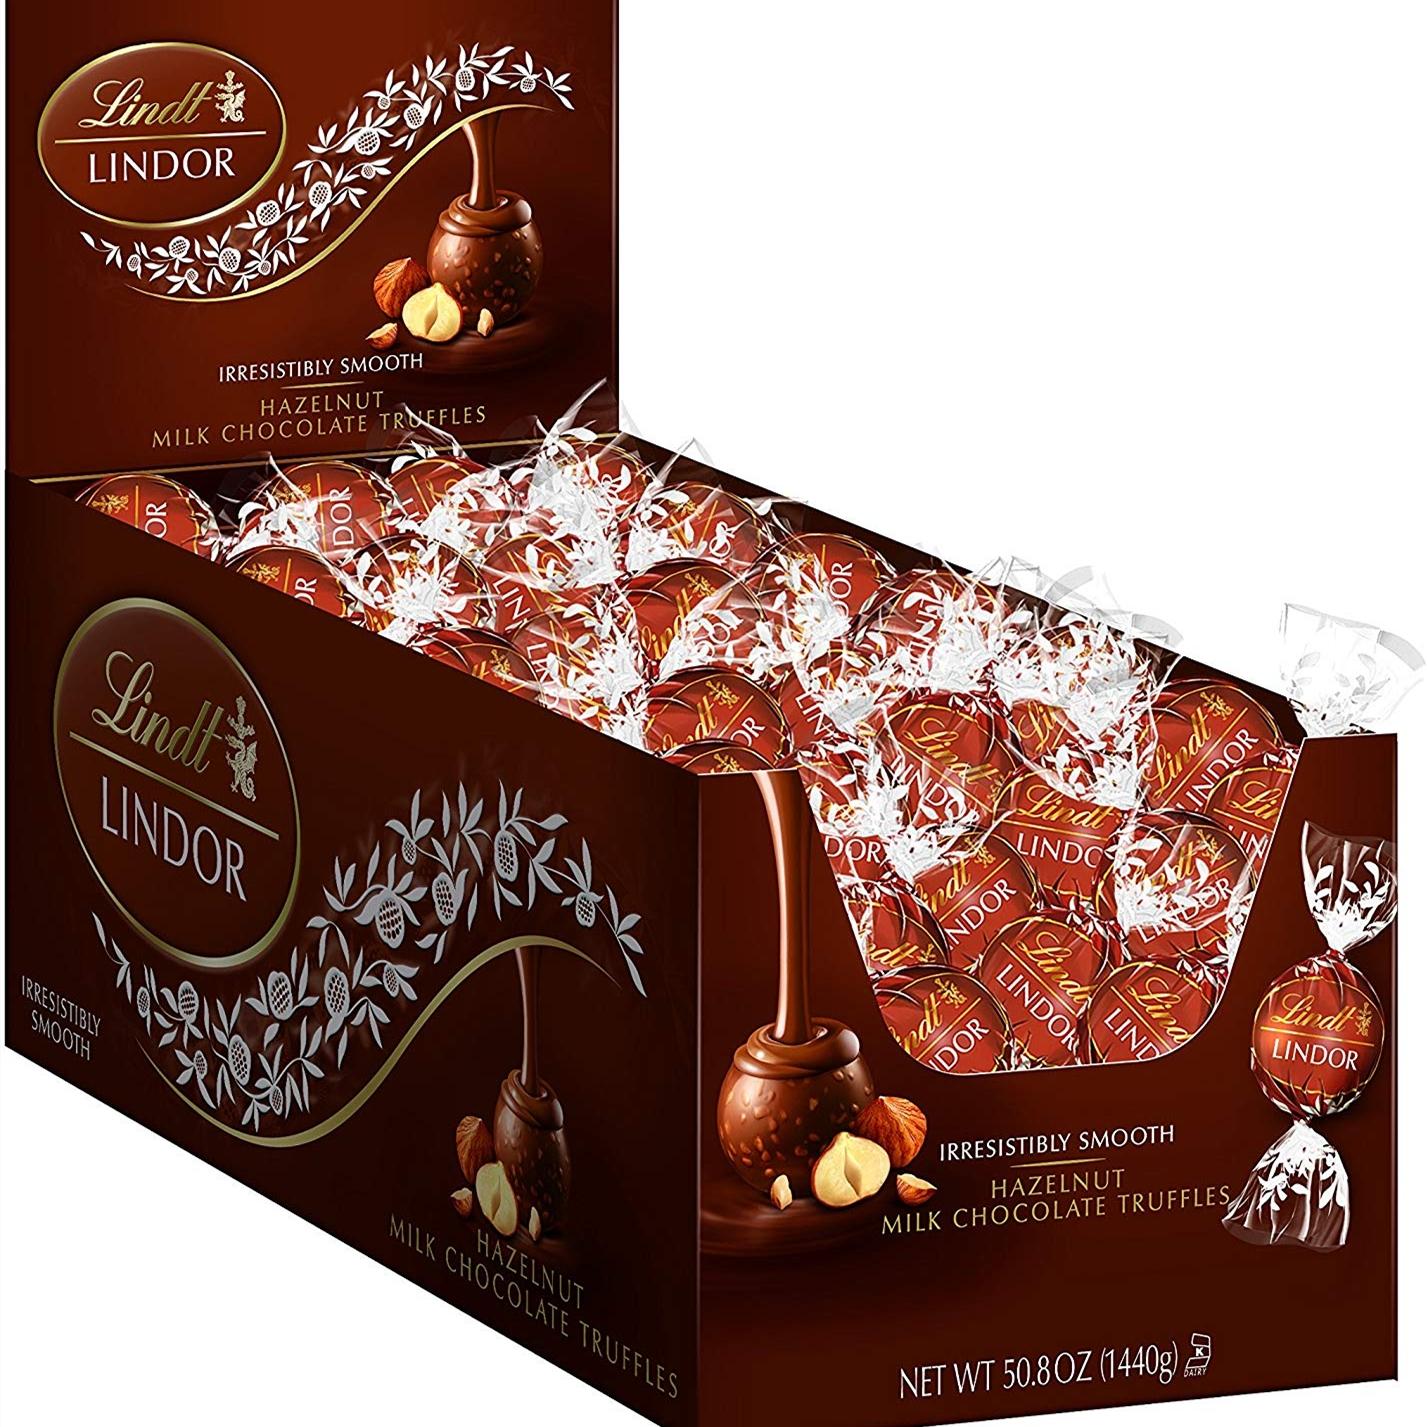 【中亞Prime會員】Lindt 瑞士蓮 LINDOR 榛子牛奶巧克力松露 120粒